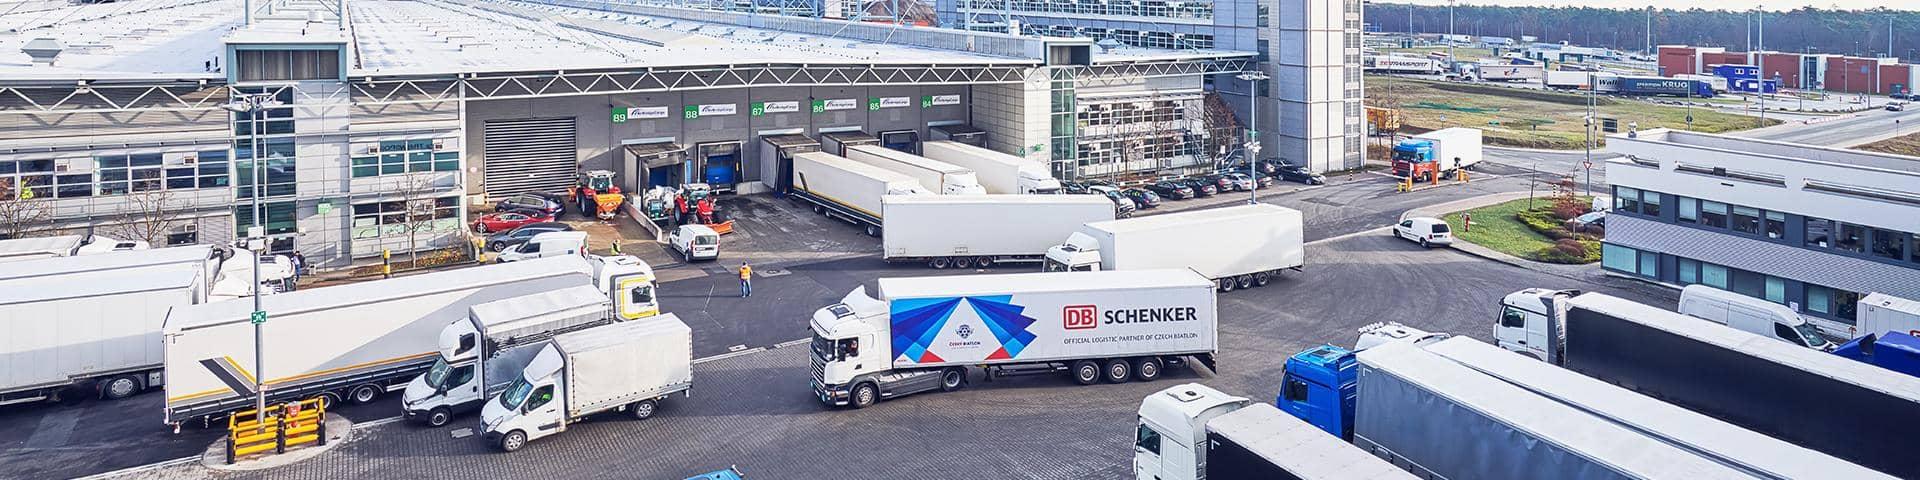 DB Schenker Warehouse Truck parking